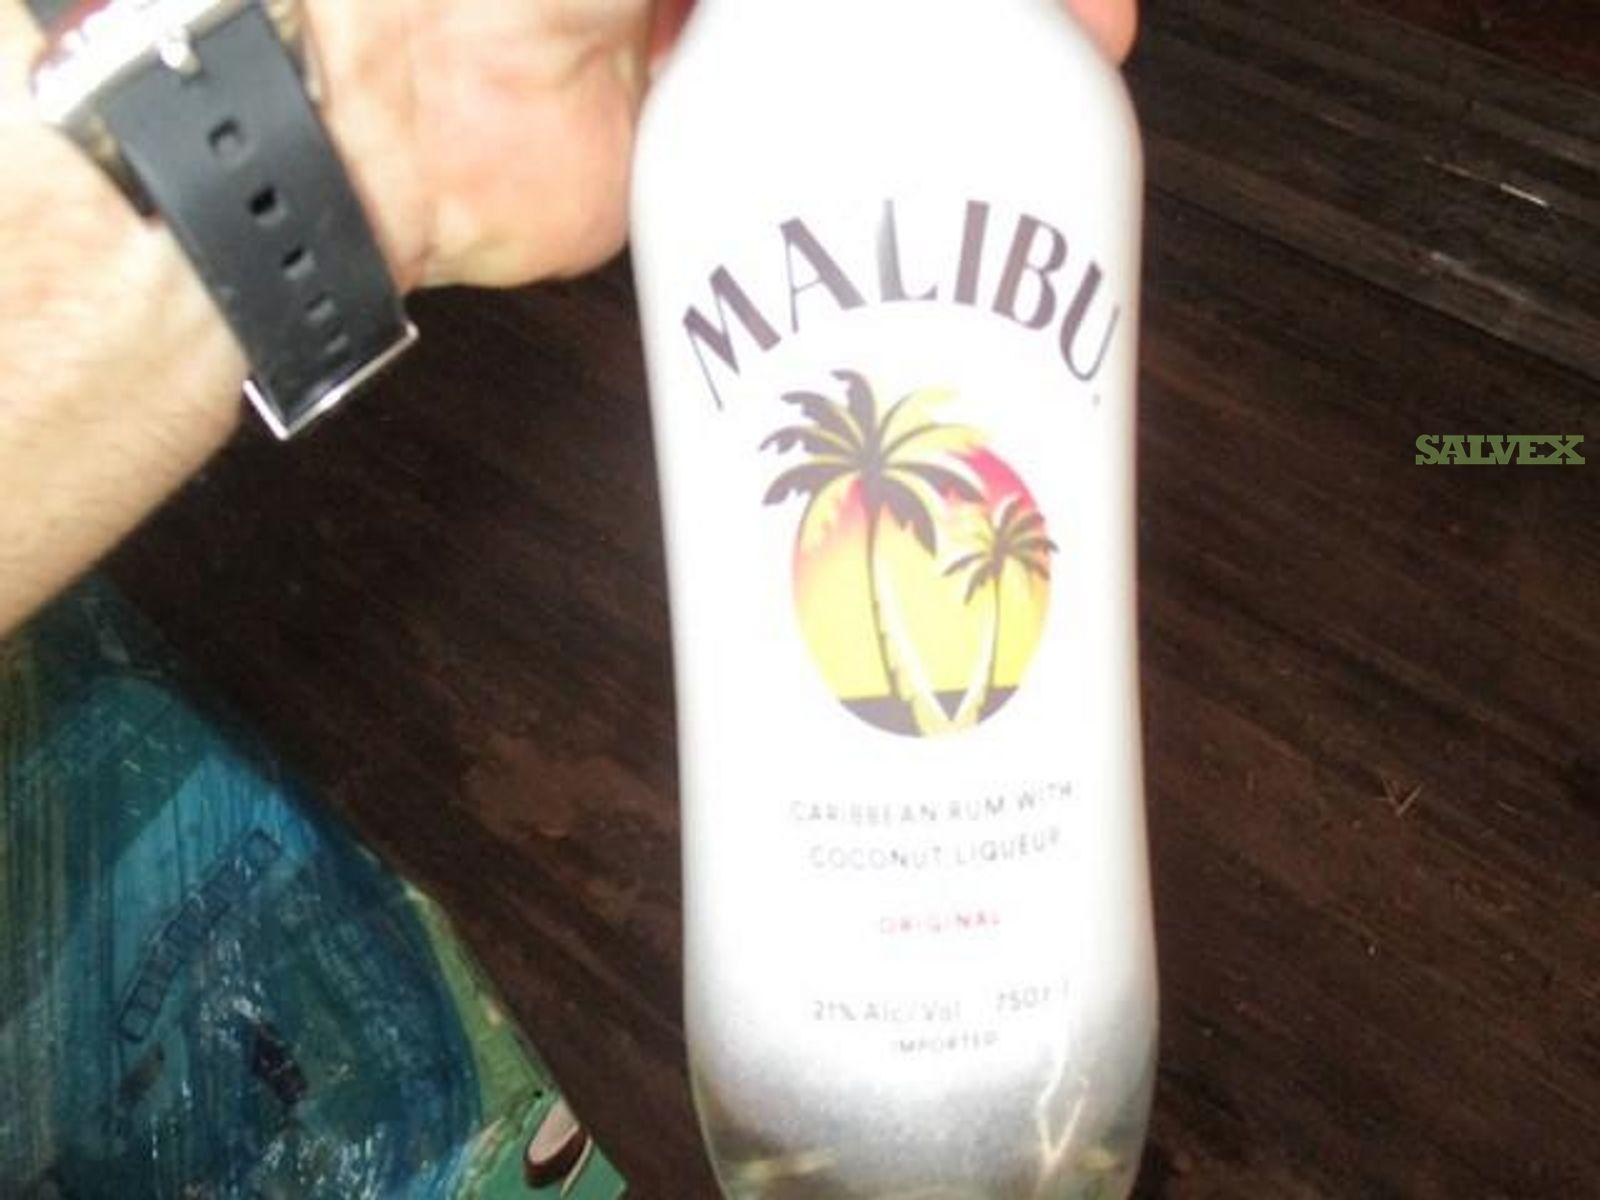 Malibu Rum, 750mL Bottles (700 Cases)